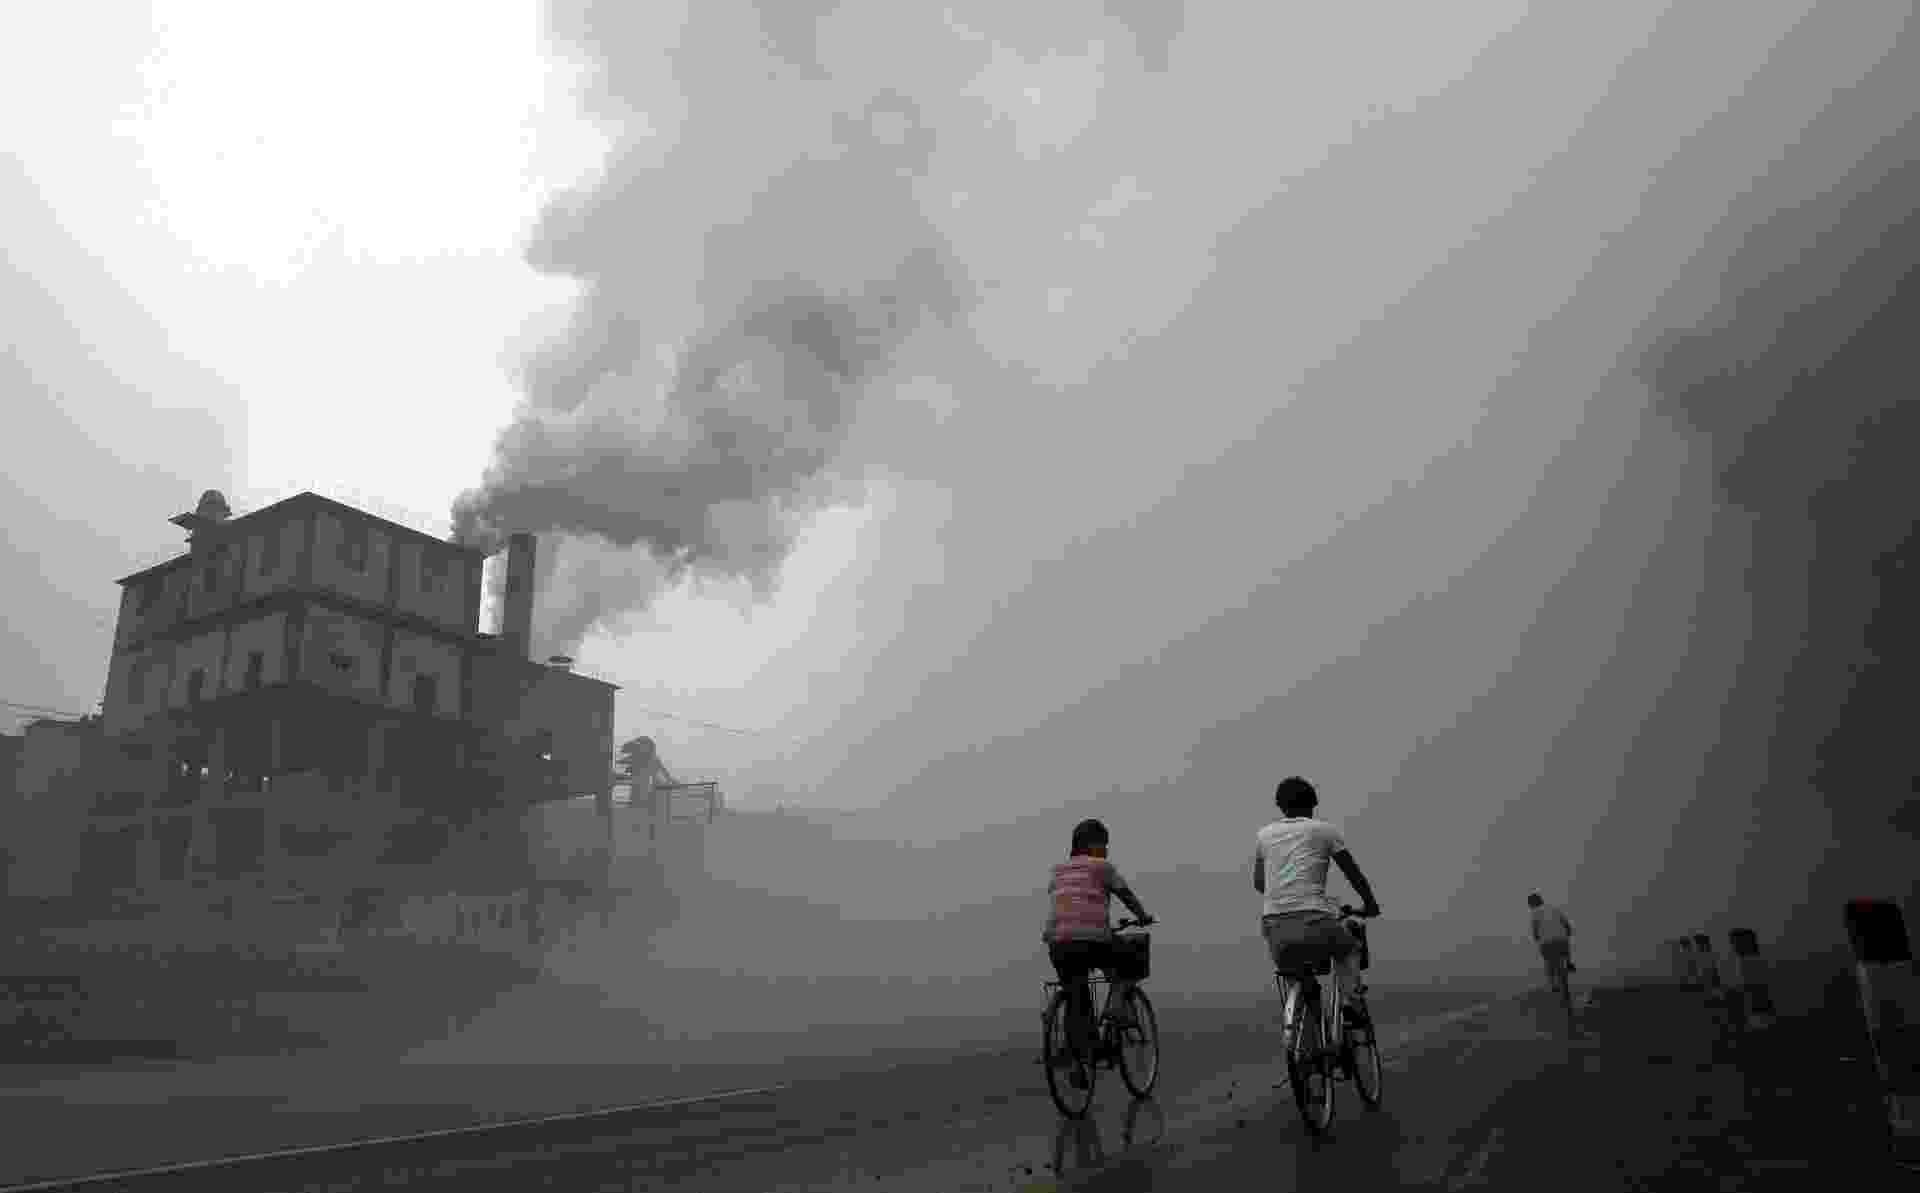 14.jun.2013 - O aquecimento global é provocado pela emissão de gases como CO2 e metano. A China é a maior poluidora do mundo, principalmente pela queima de combustíveis fósseis. Ciclistas passam por ruas cobertas por fumaça emitida por indústria em Yutian, a cem quilômetros de Pequim - Peter Parks/AFP